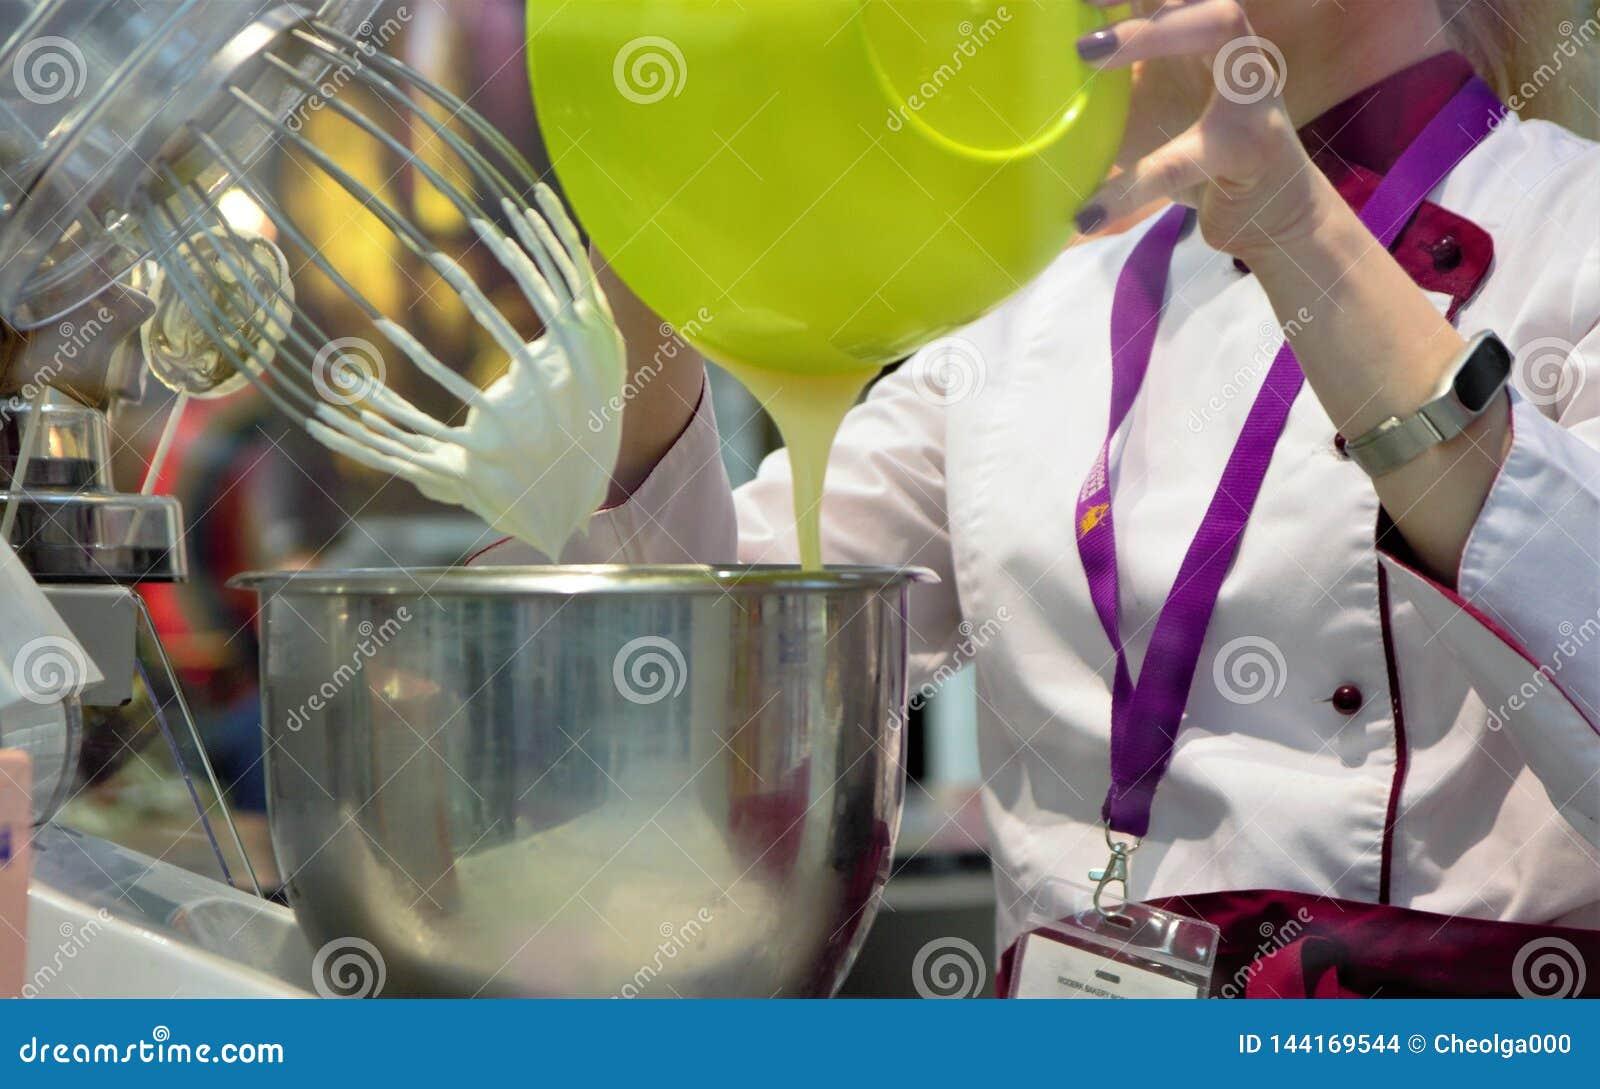 03 14 2019年俄罗斯,莫斯科 陈列现代面包店莫斯科 使用生产机器,糖果商揉奶油